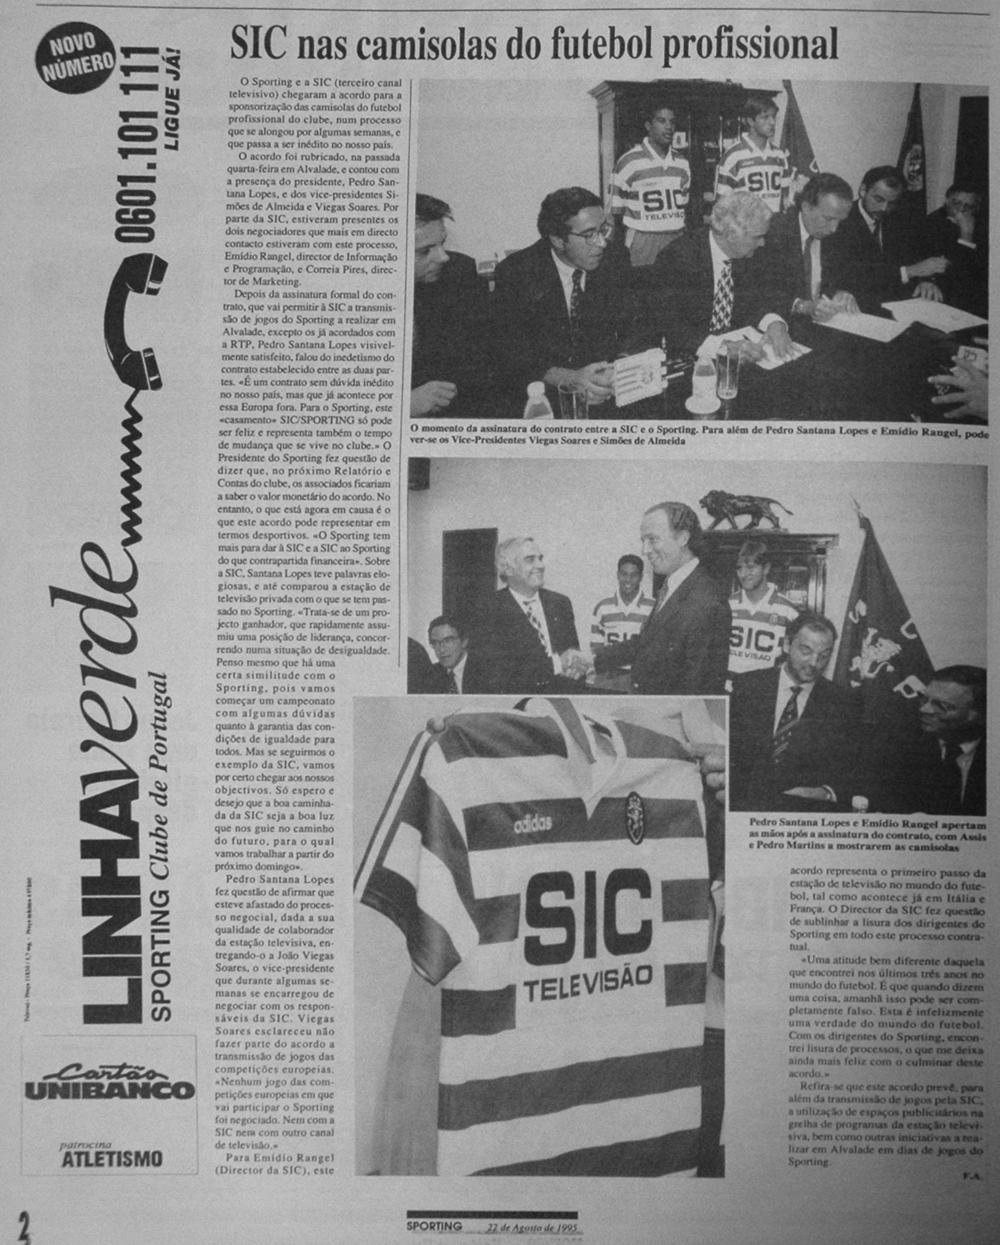 Santana Lopes e Emídio rangel assinam contrato de patrocínio da SIC aos equipamentos do Sporting em 1995